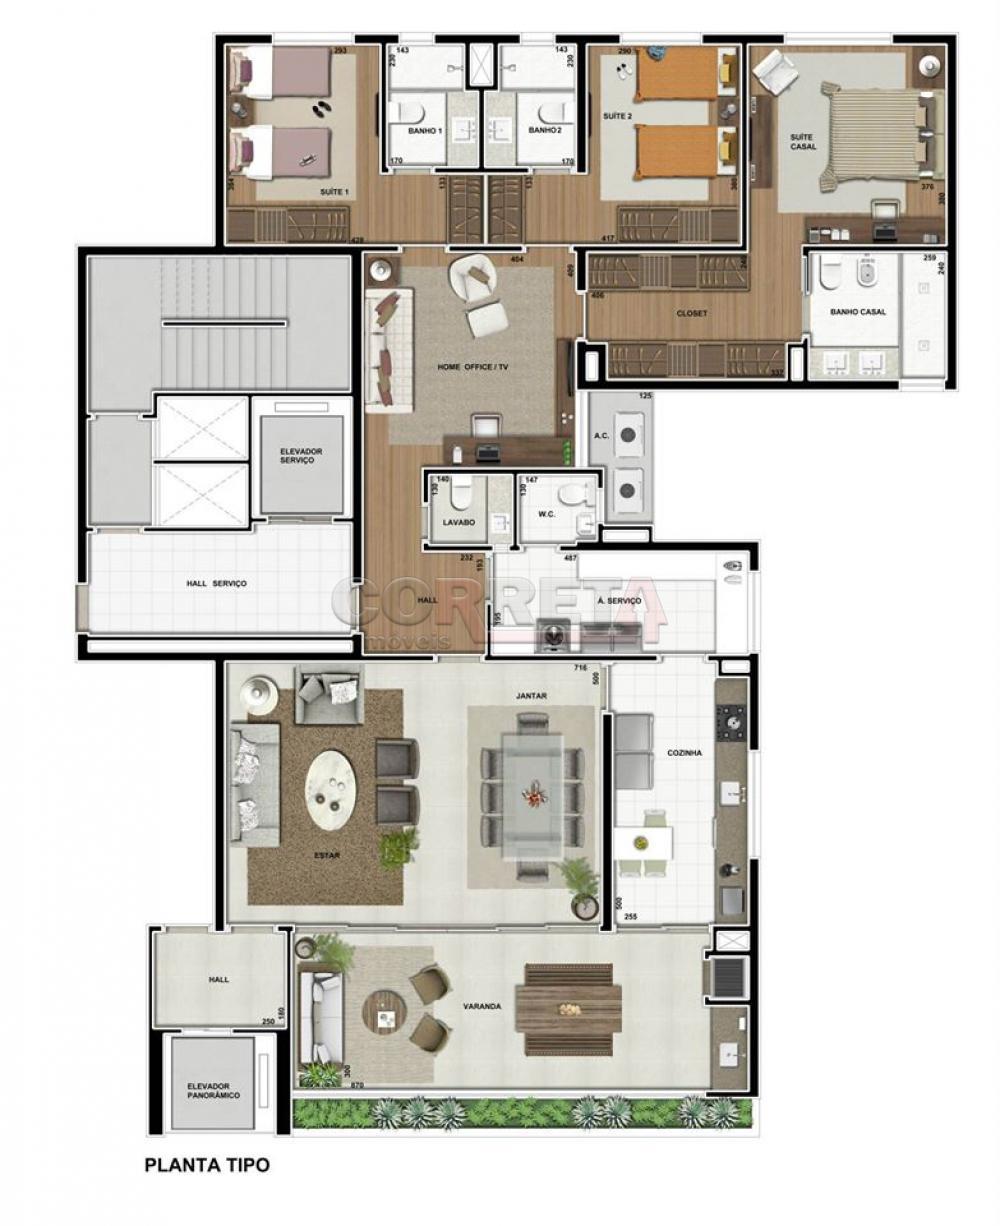 Comprar Apartamento / Padrão em Araçatuba apenas R$ 1.200.000,00 - Foto 4